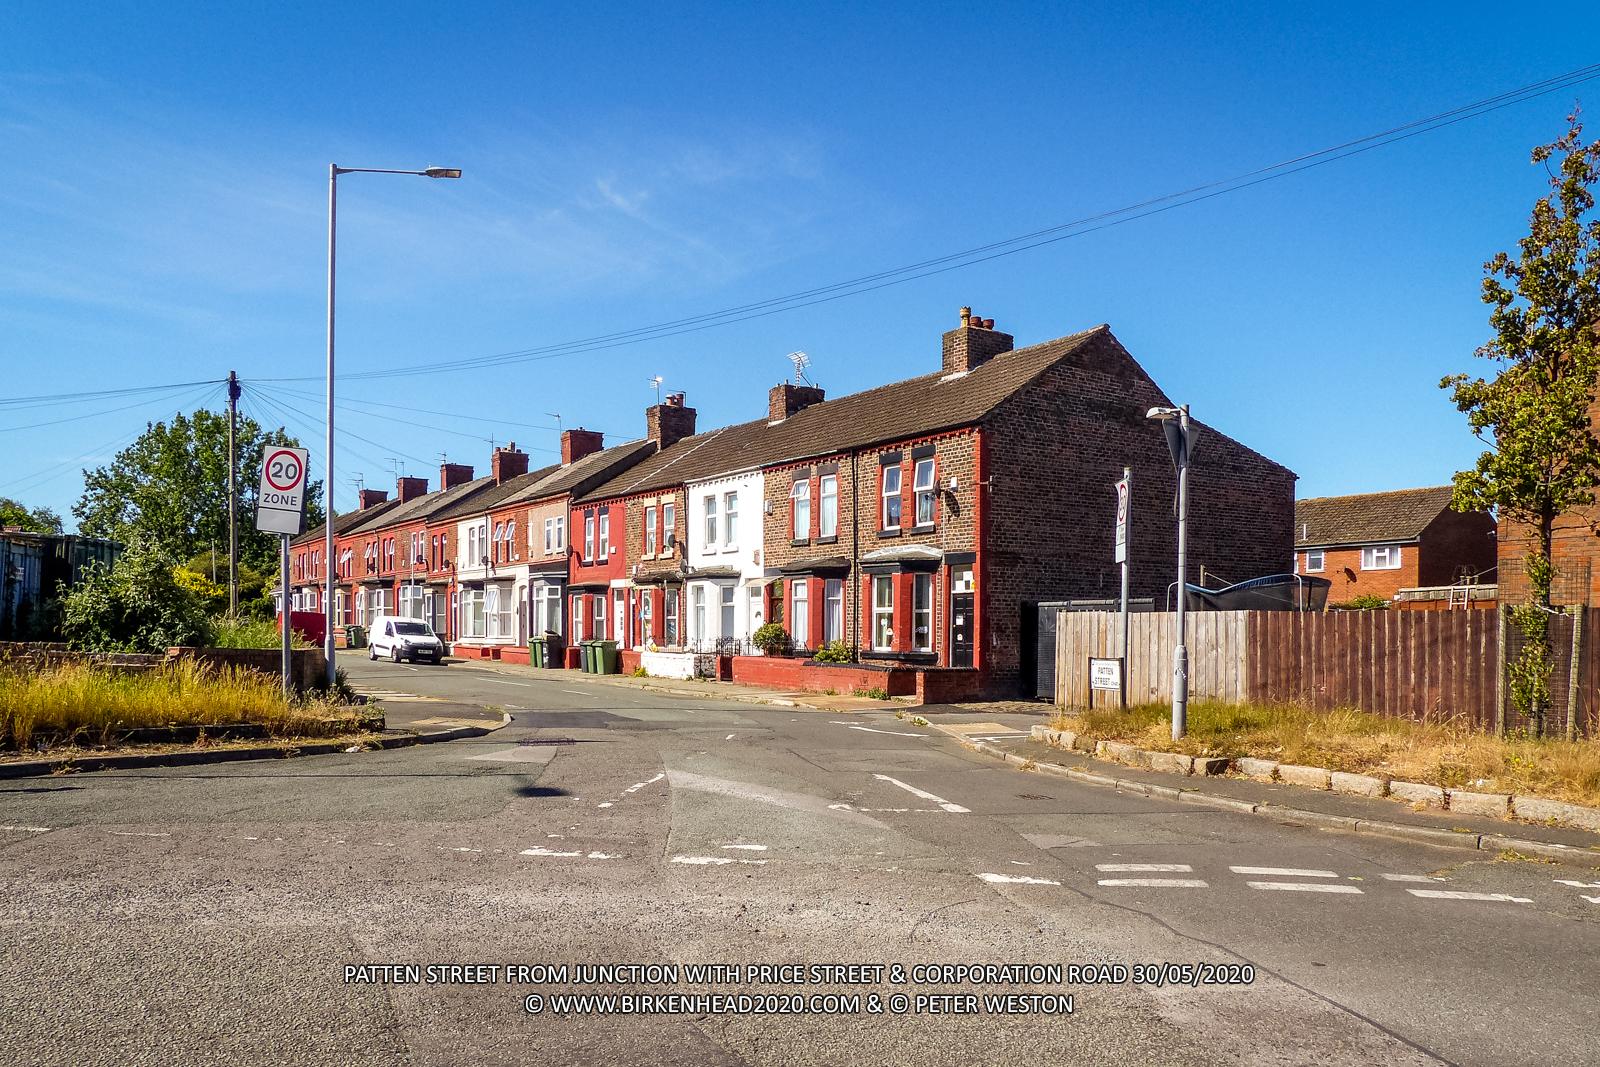 Patten Street